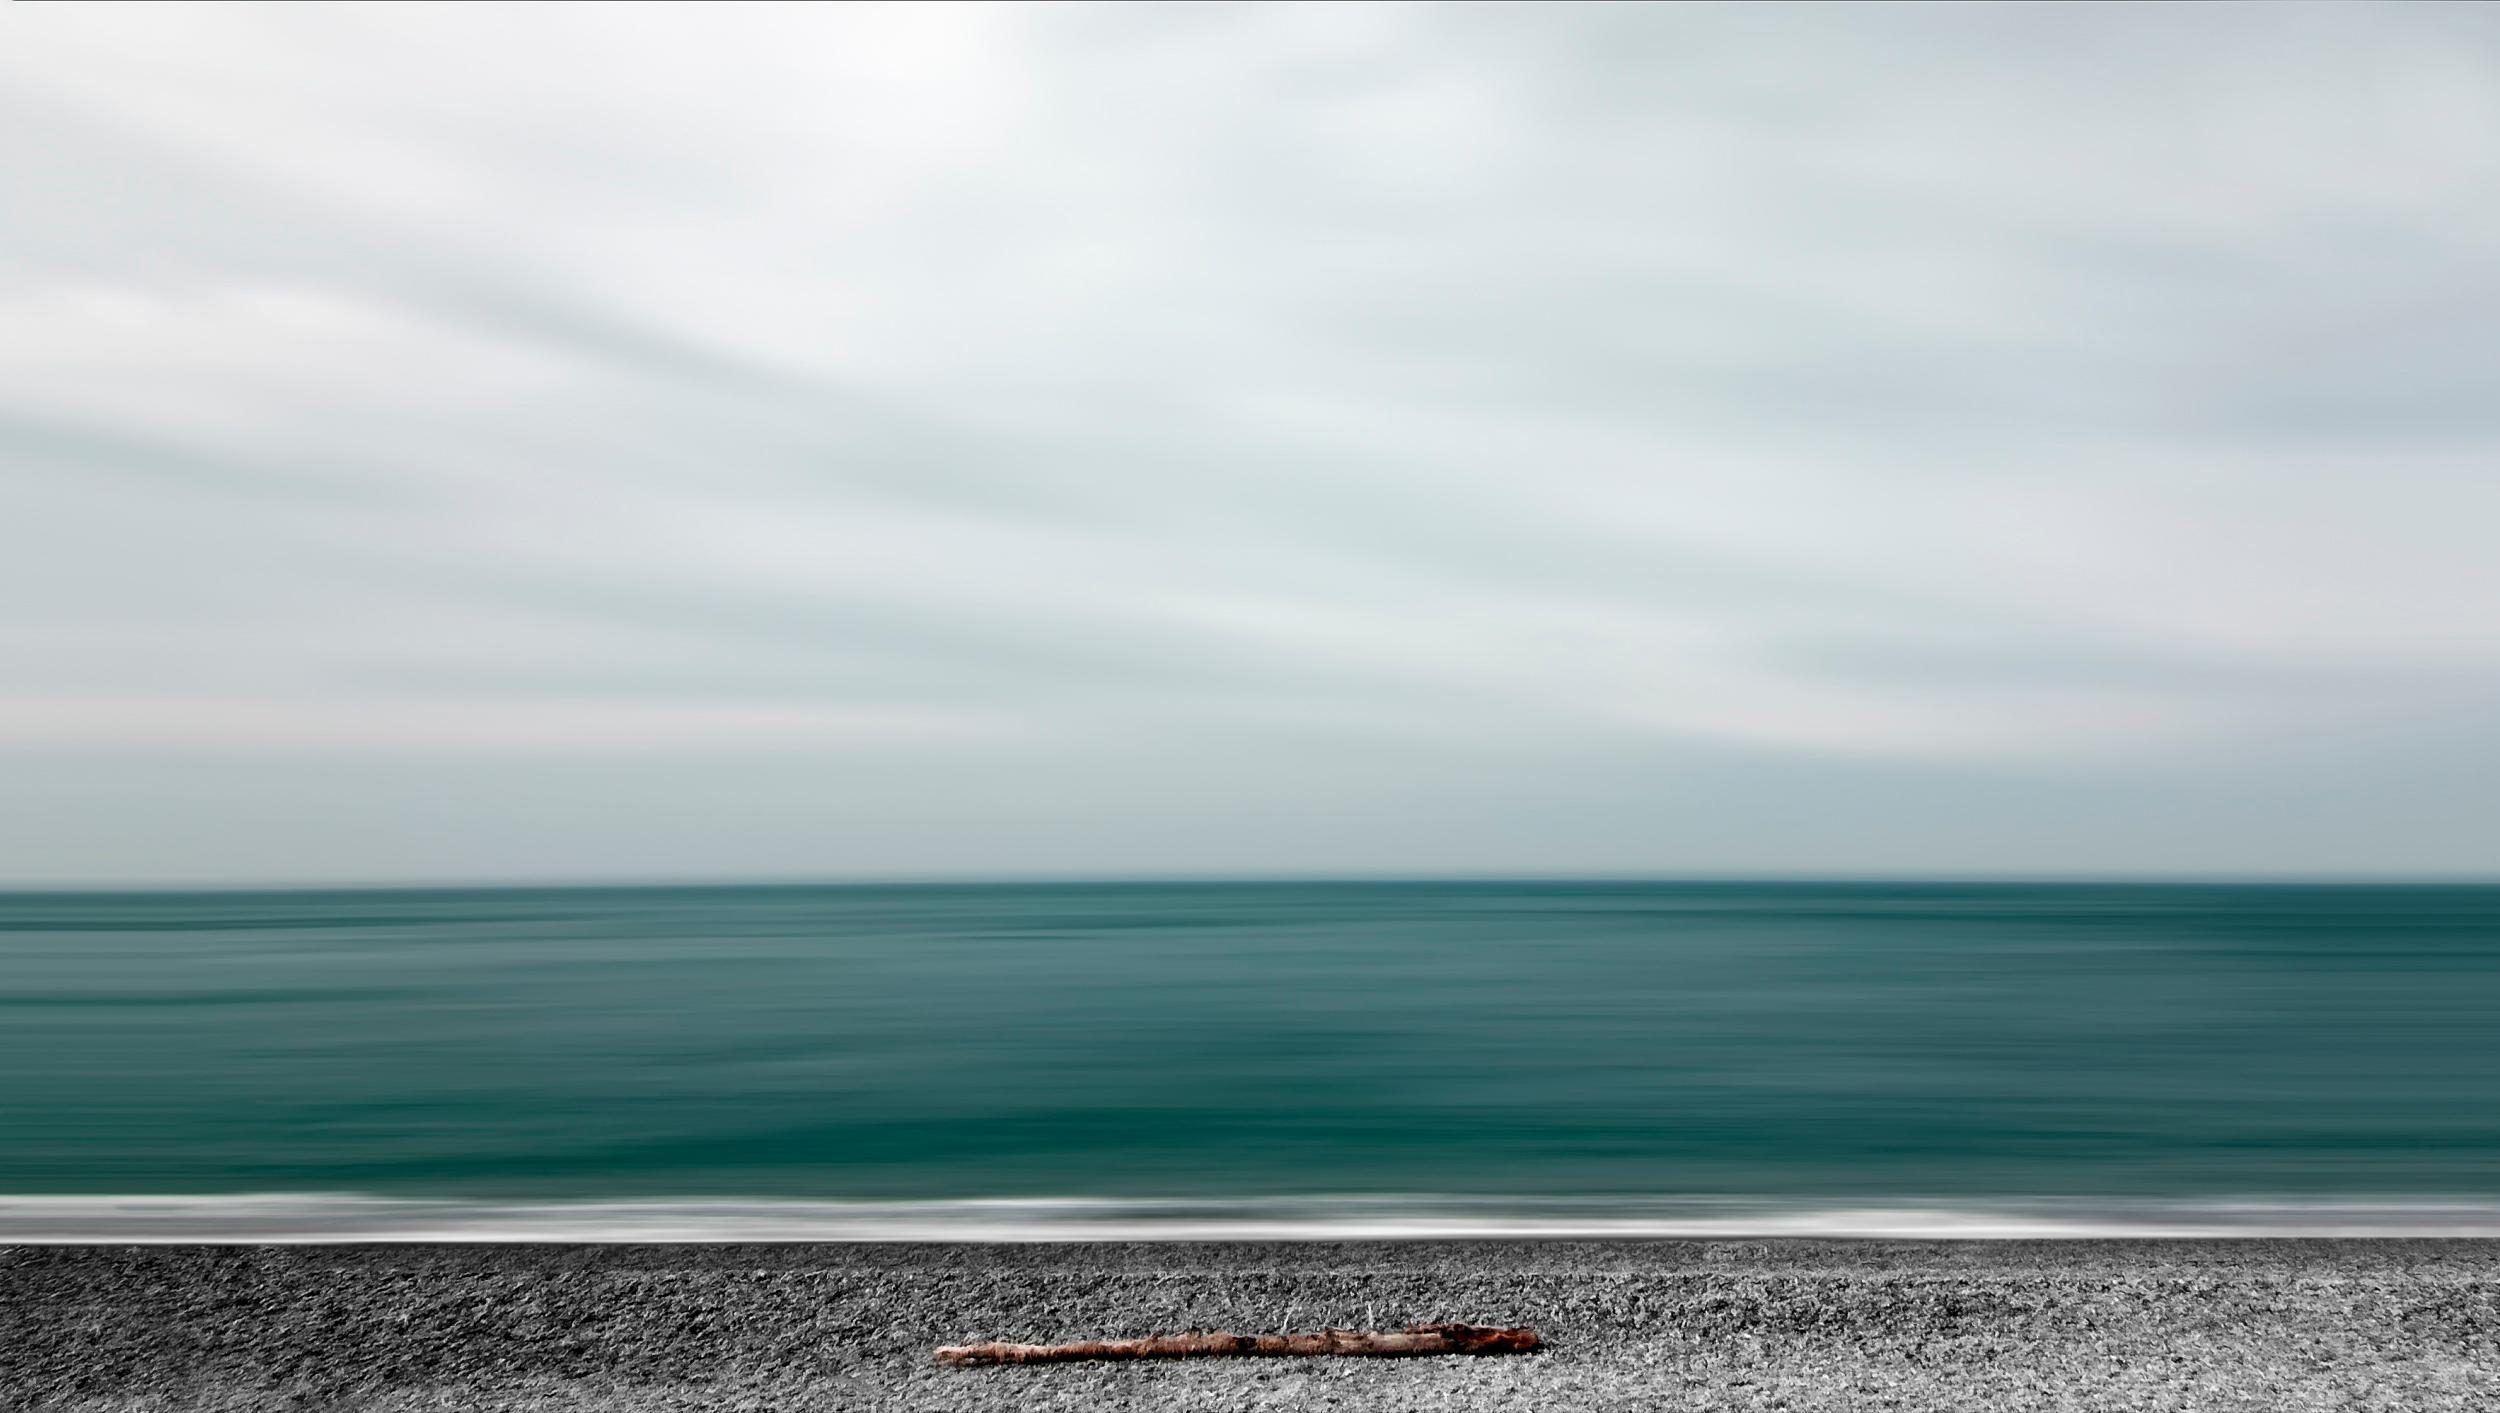 популярные пляжный минимализм фото наносили